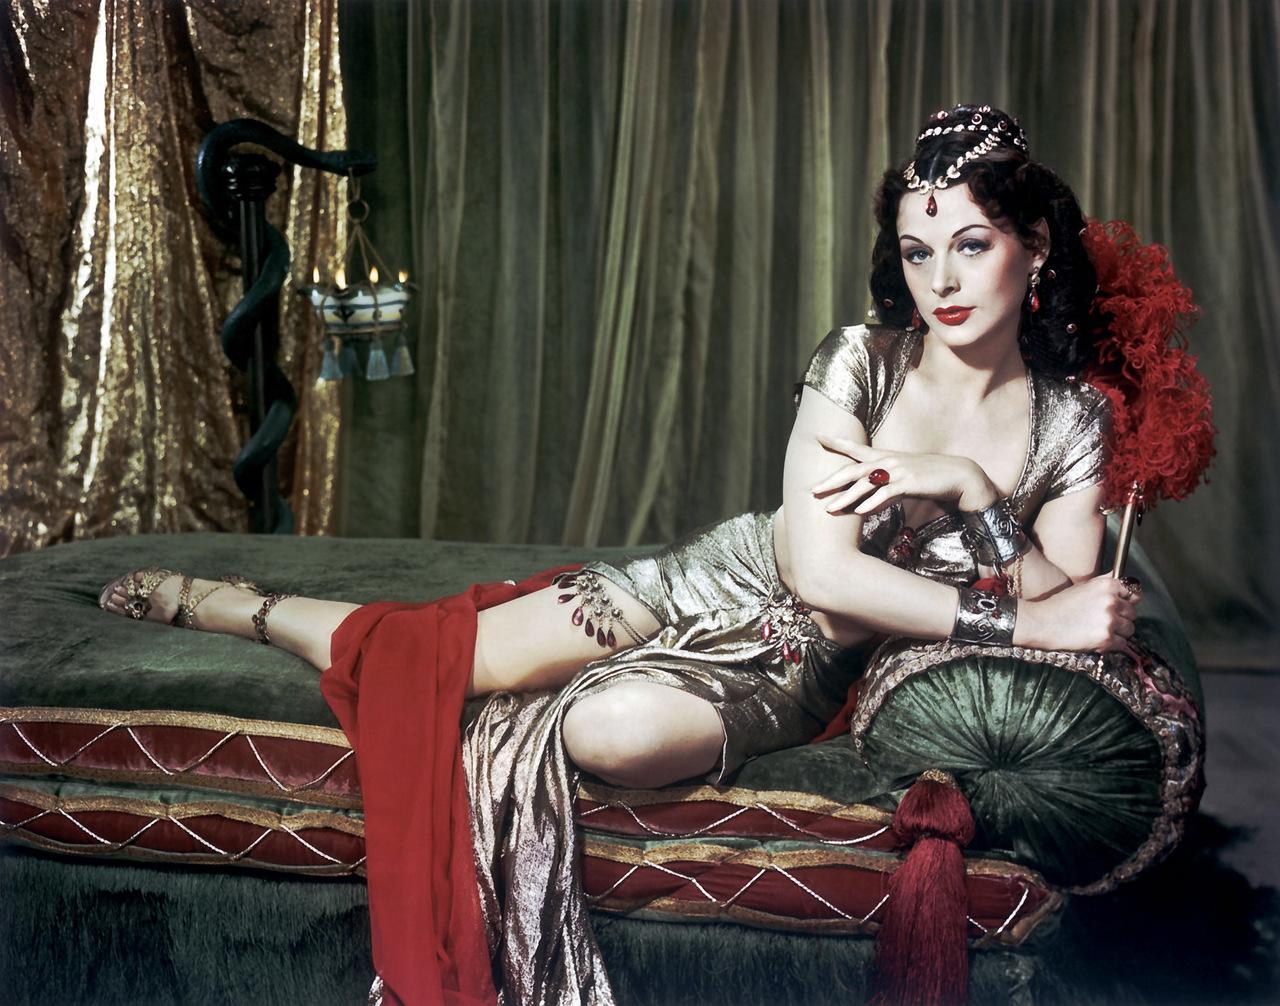 Актриса, которая придумала Wi-Fi: культовые образы секс-дивы Хеди Ламарр